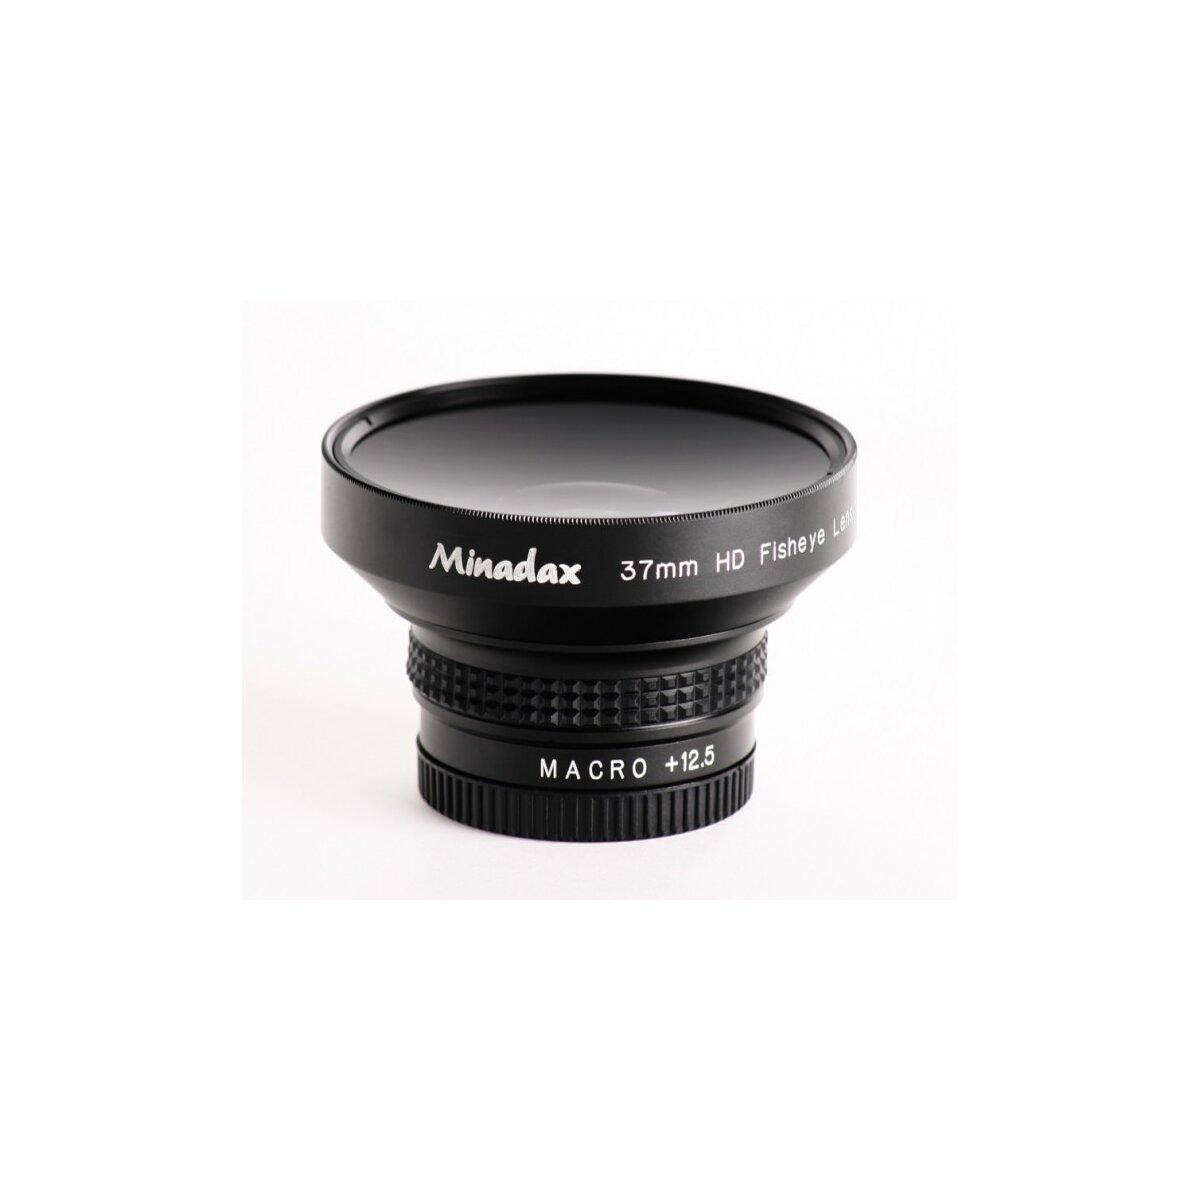 0.25x Minadax Fisheye Vorsatz kompatibel für Sony HDR-CX6, HDR-CX11, HDR-CX505, HDR-CX520, HDR-CX550, HDR-UX3, HDR-UX7, HDR-SR5 sw